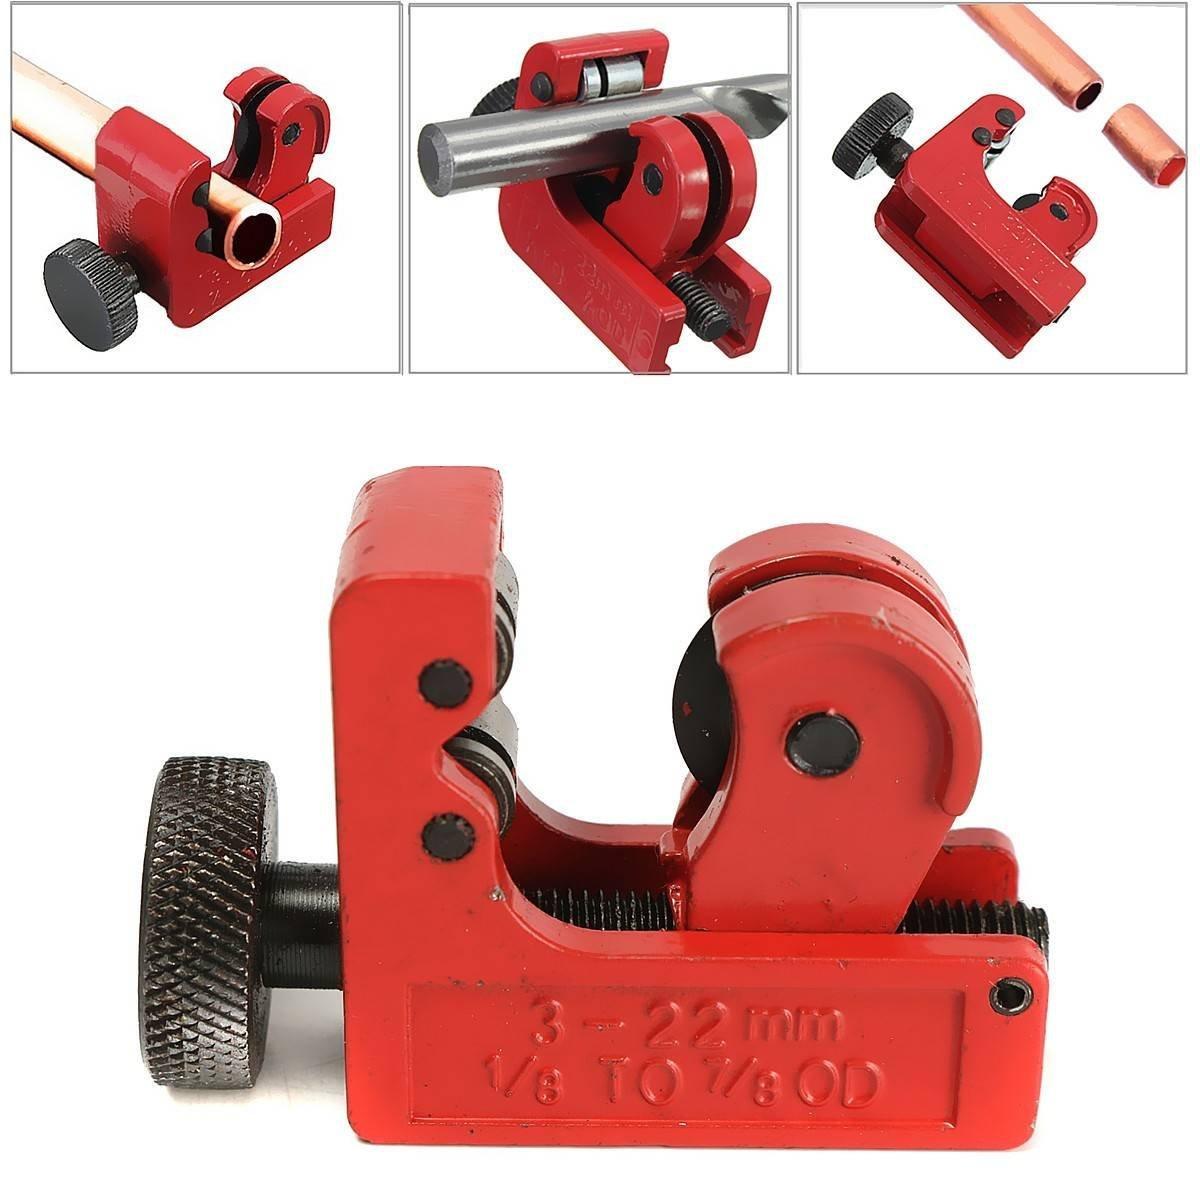 GOCHANGE Mini Tube Cutter 3-22mm 1/8inch-7/8inch OD